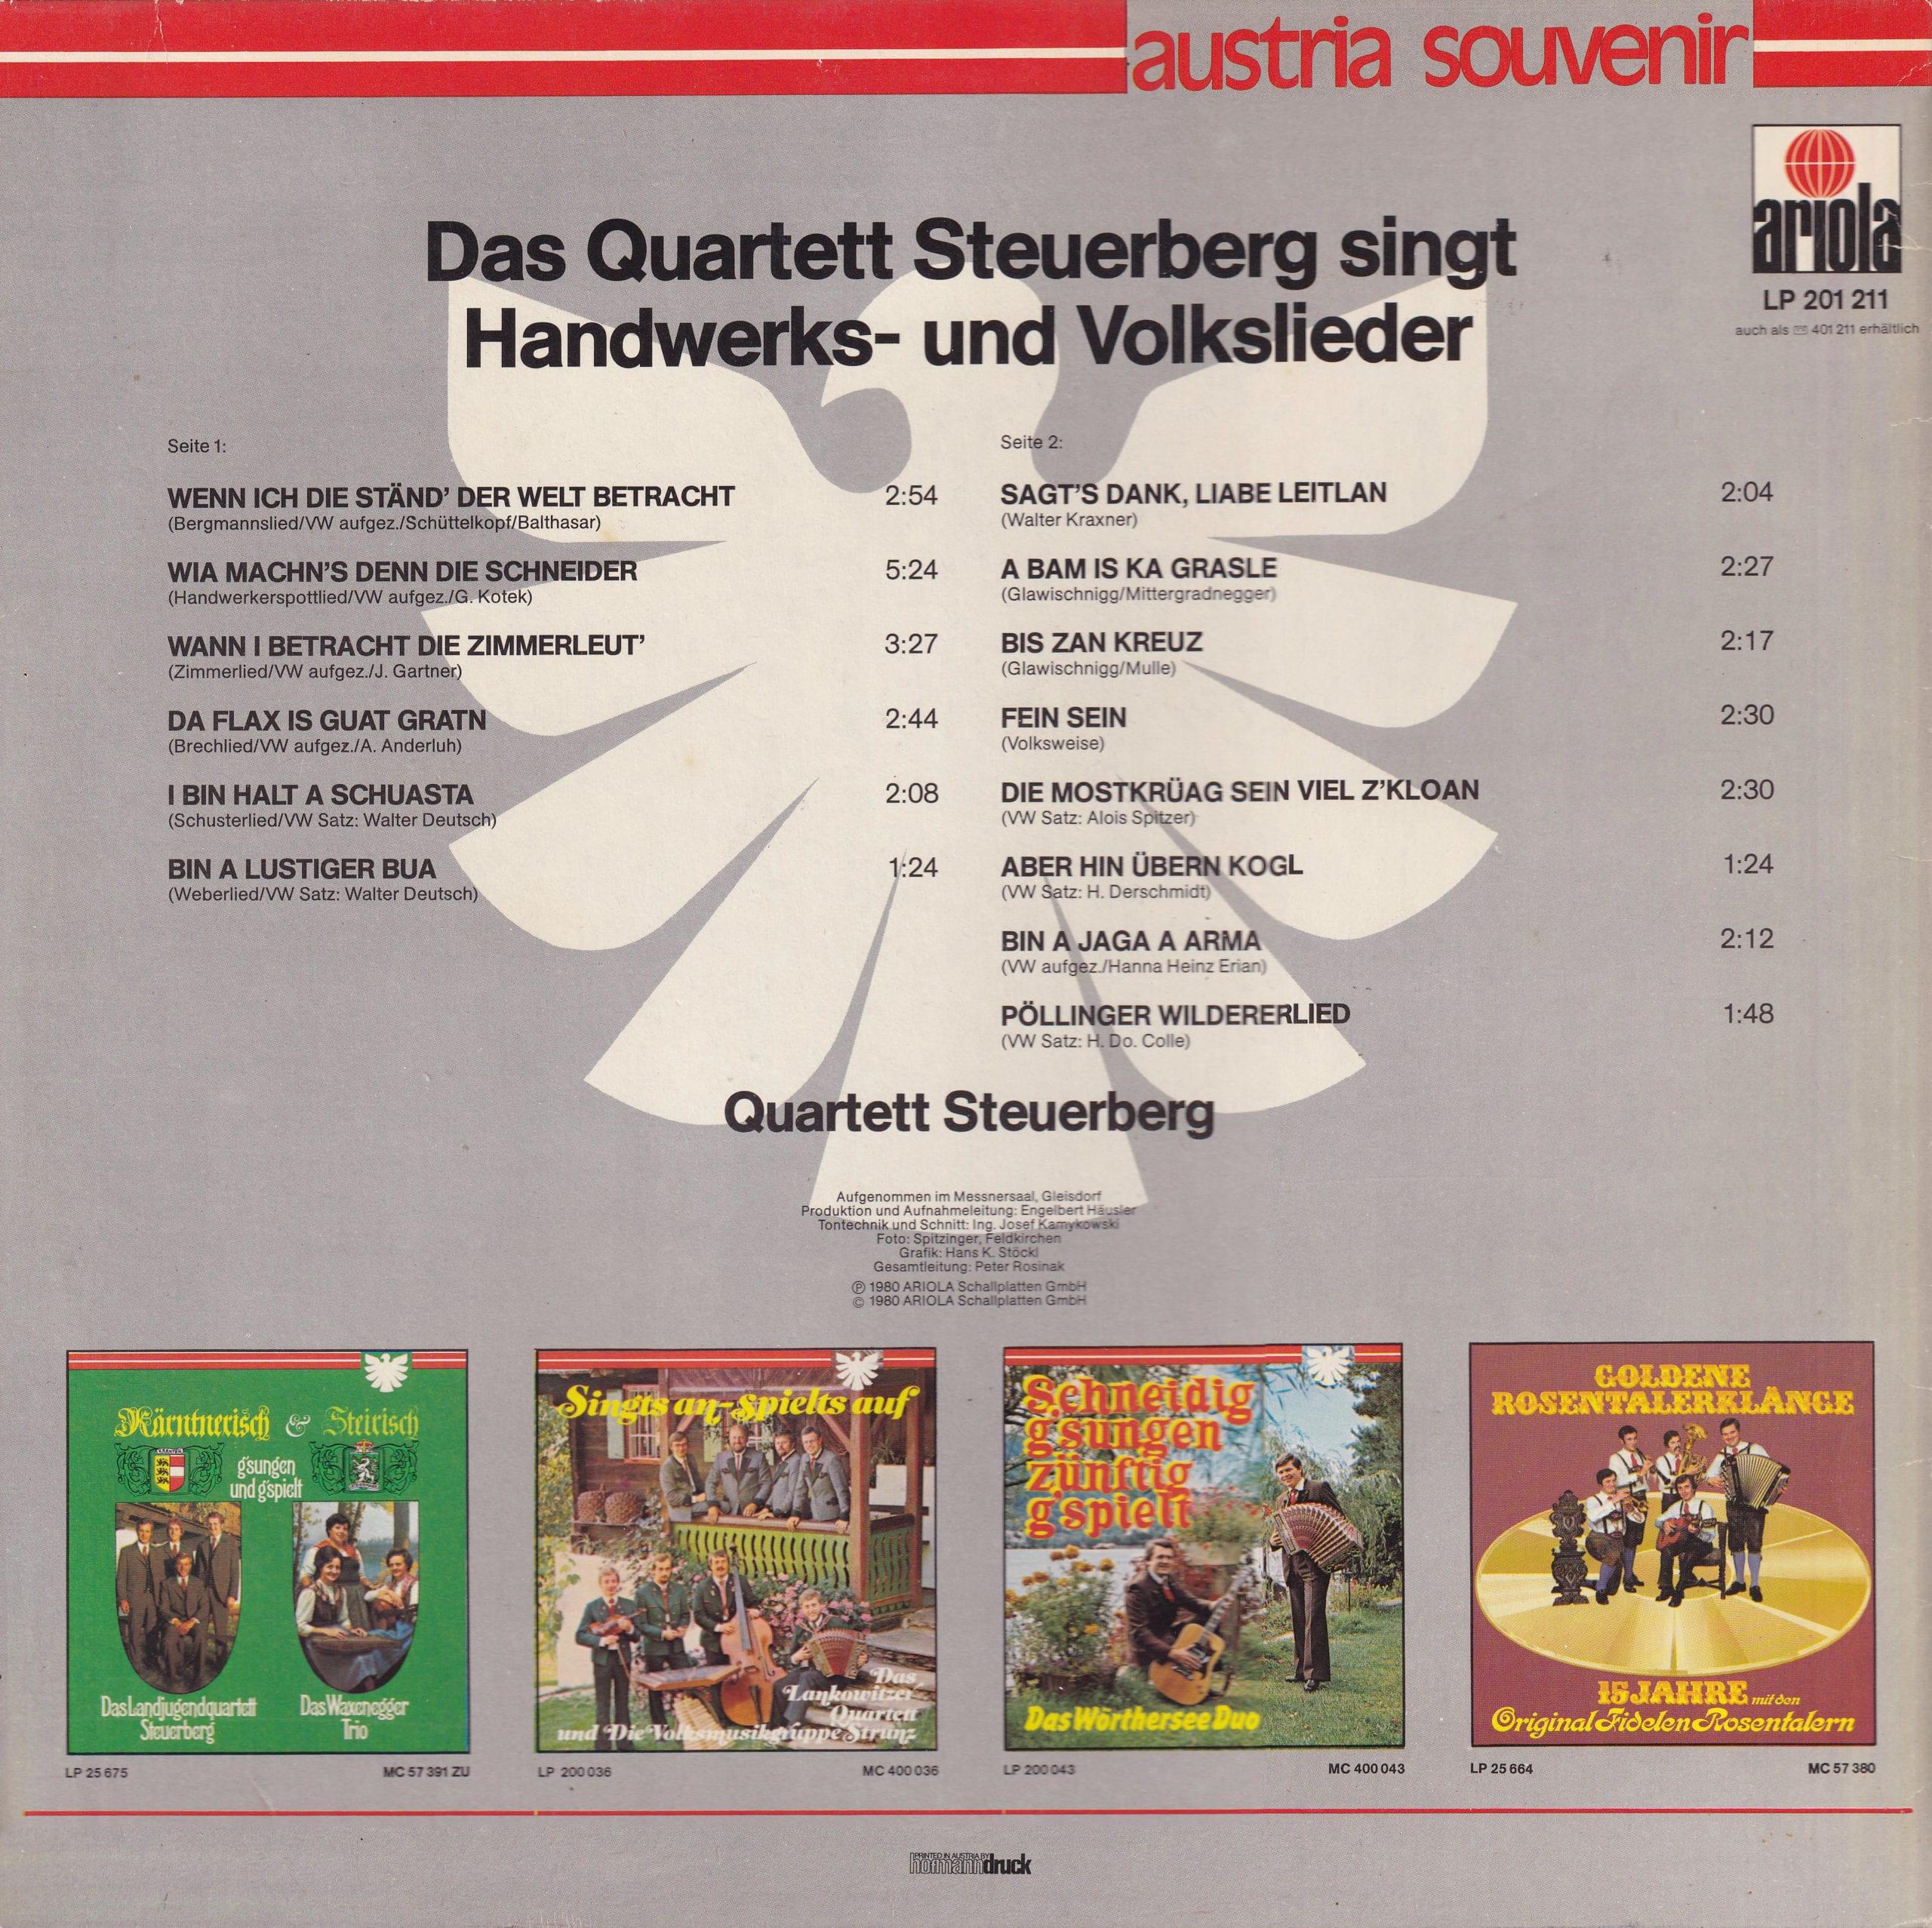 Handwerks- und Volkslieder – 2